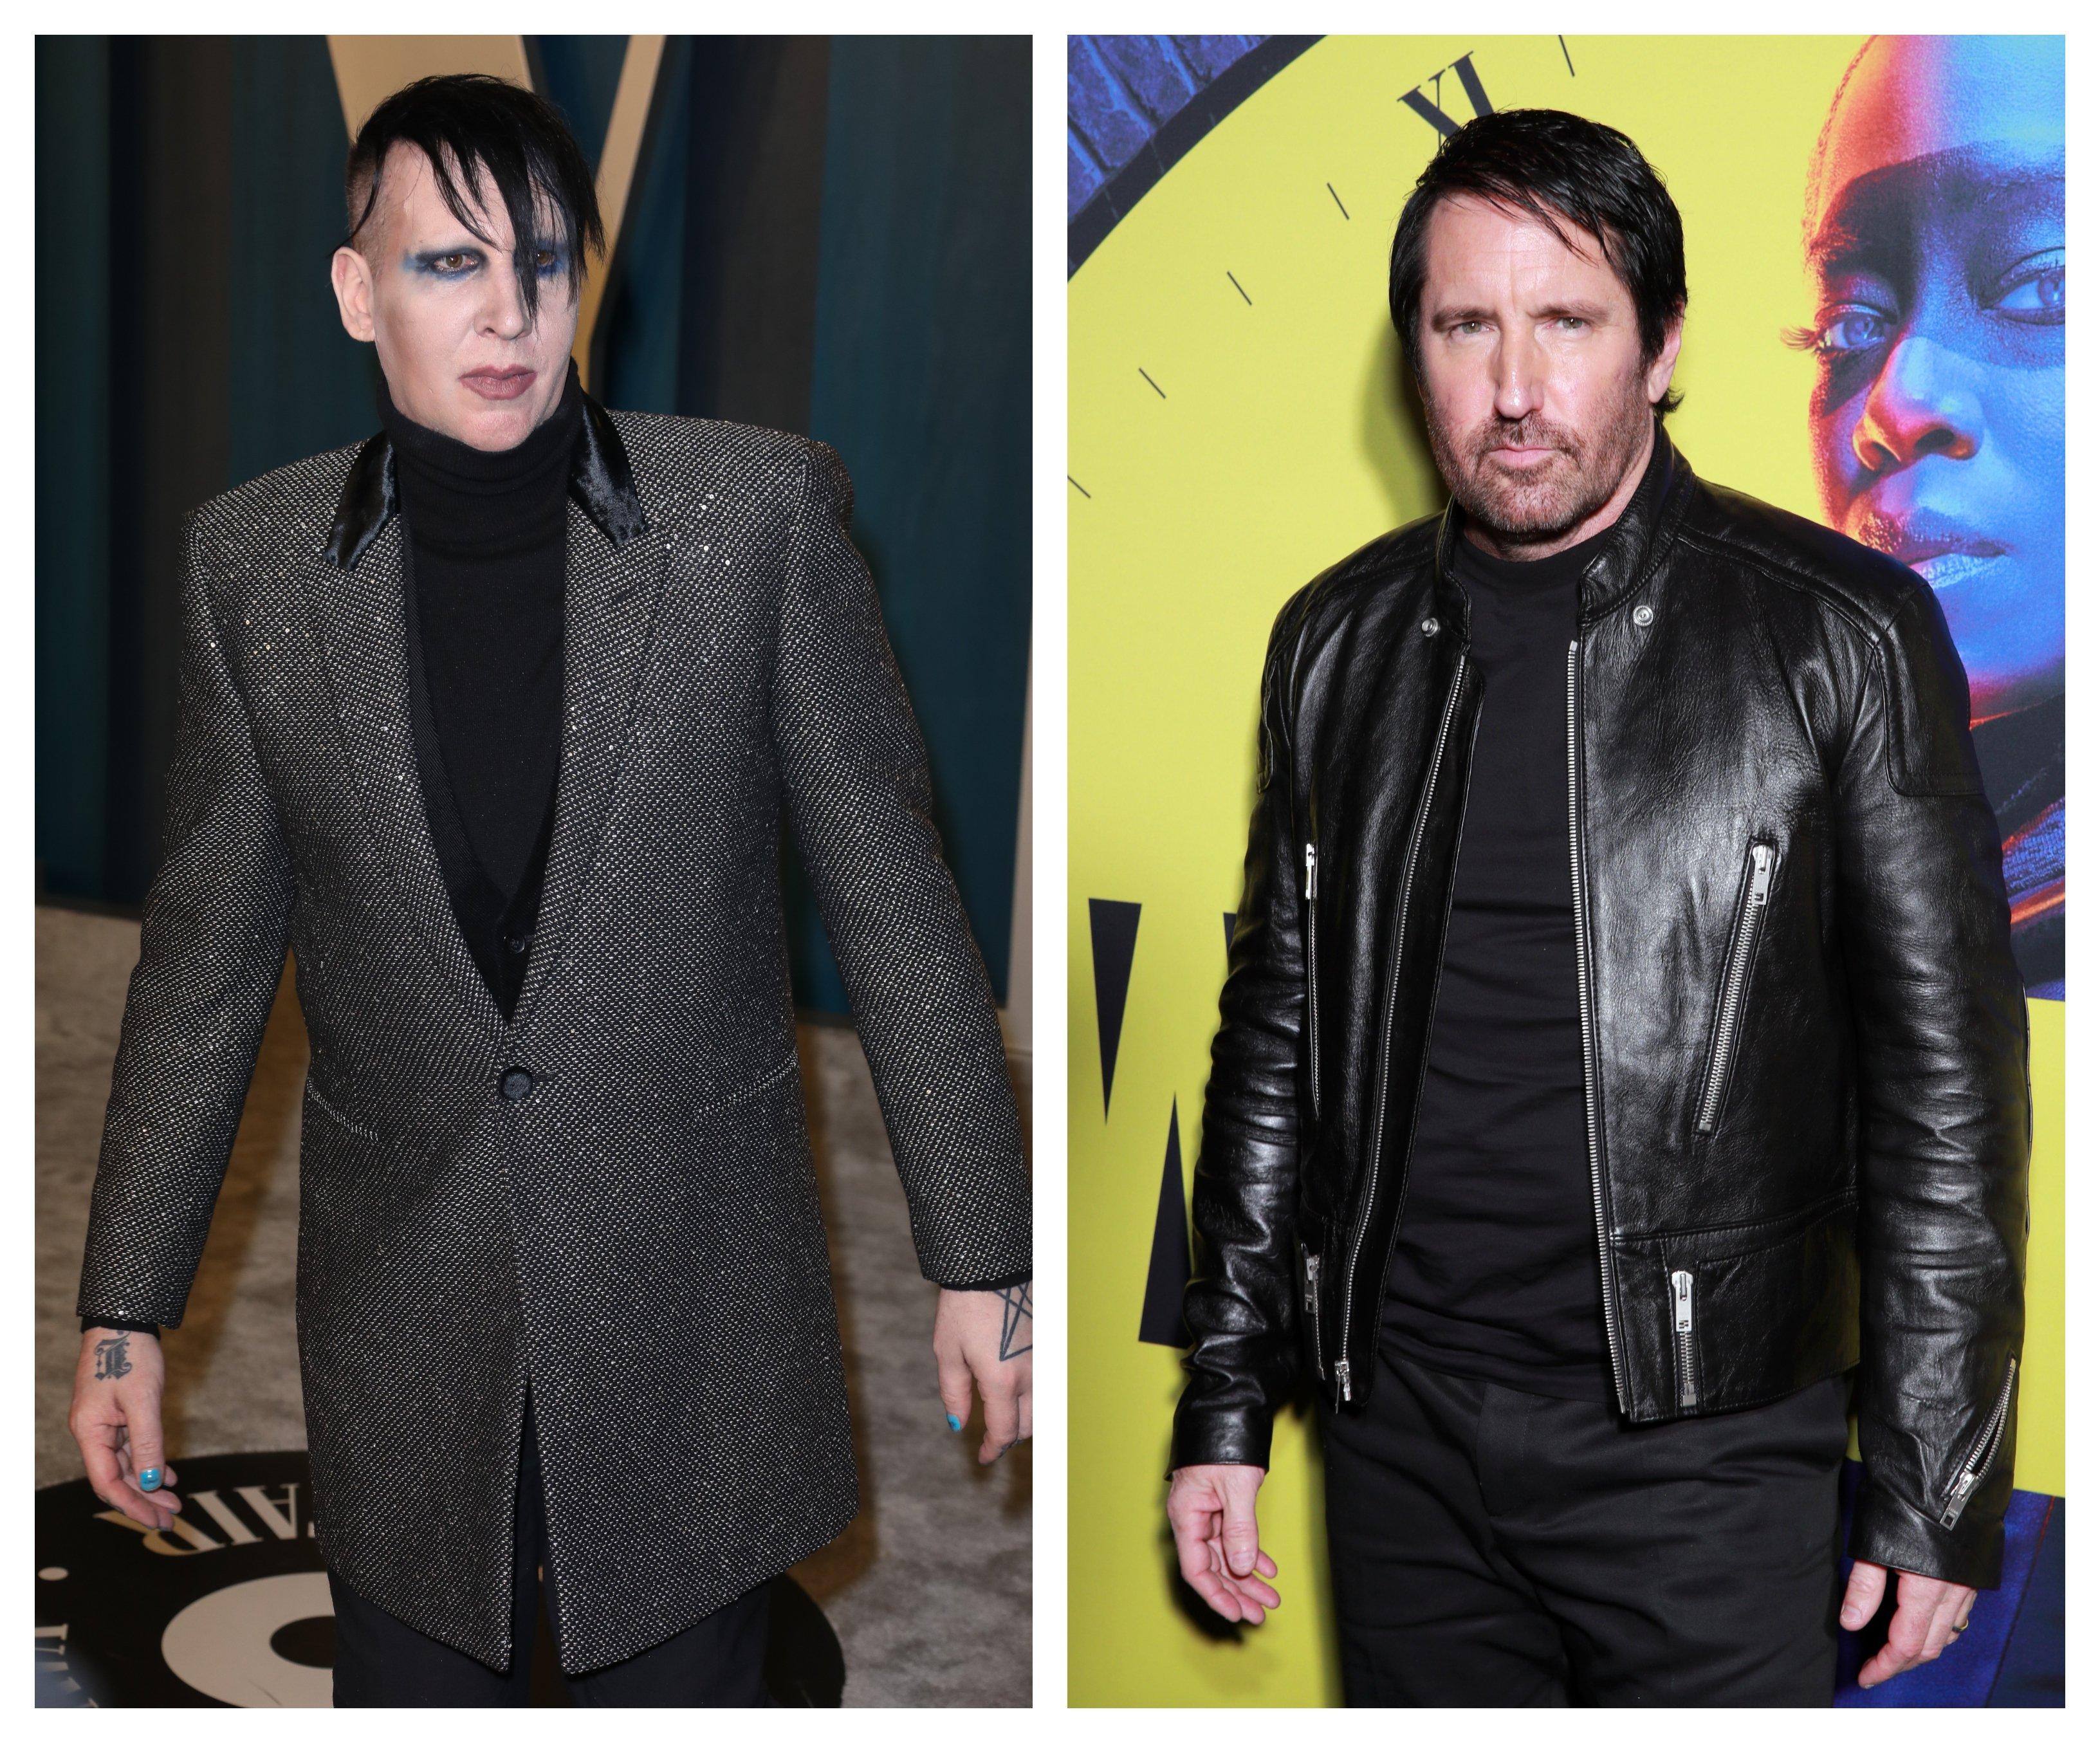 Manson Reznor